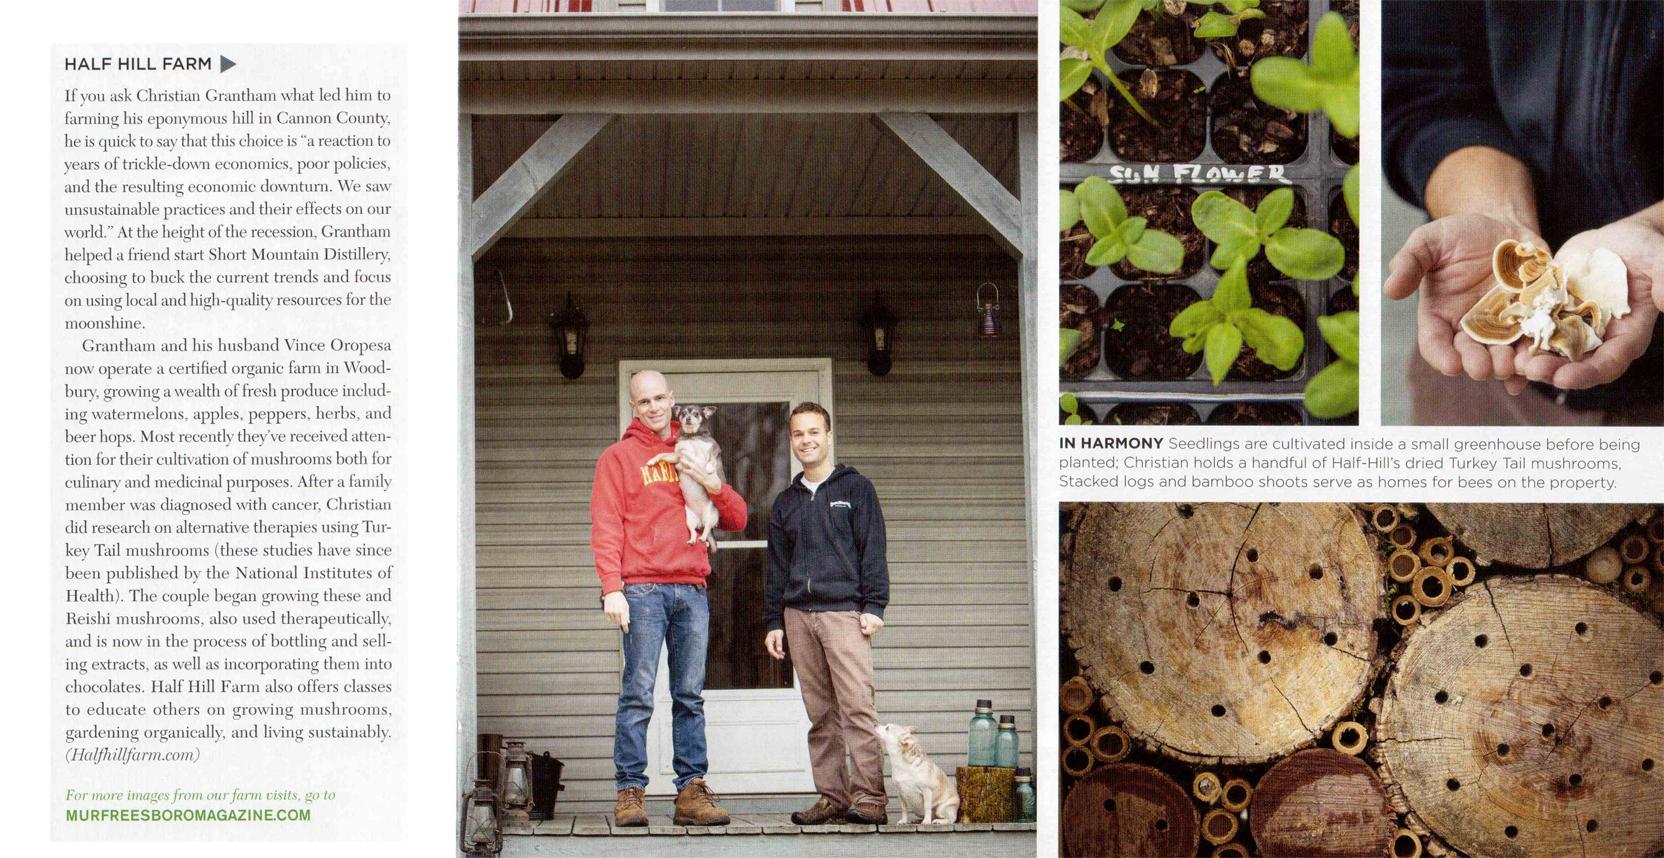 Half Hill Farm - Murfreesboro Magazine